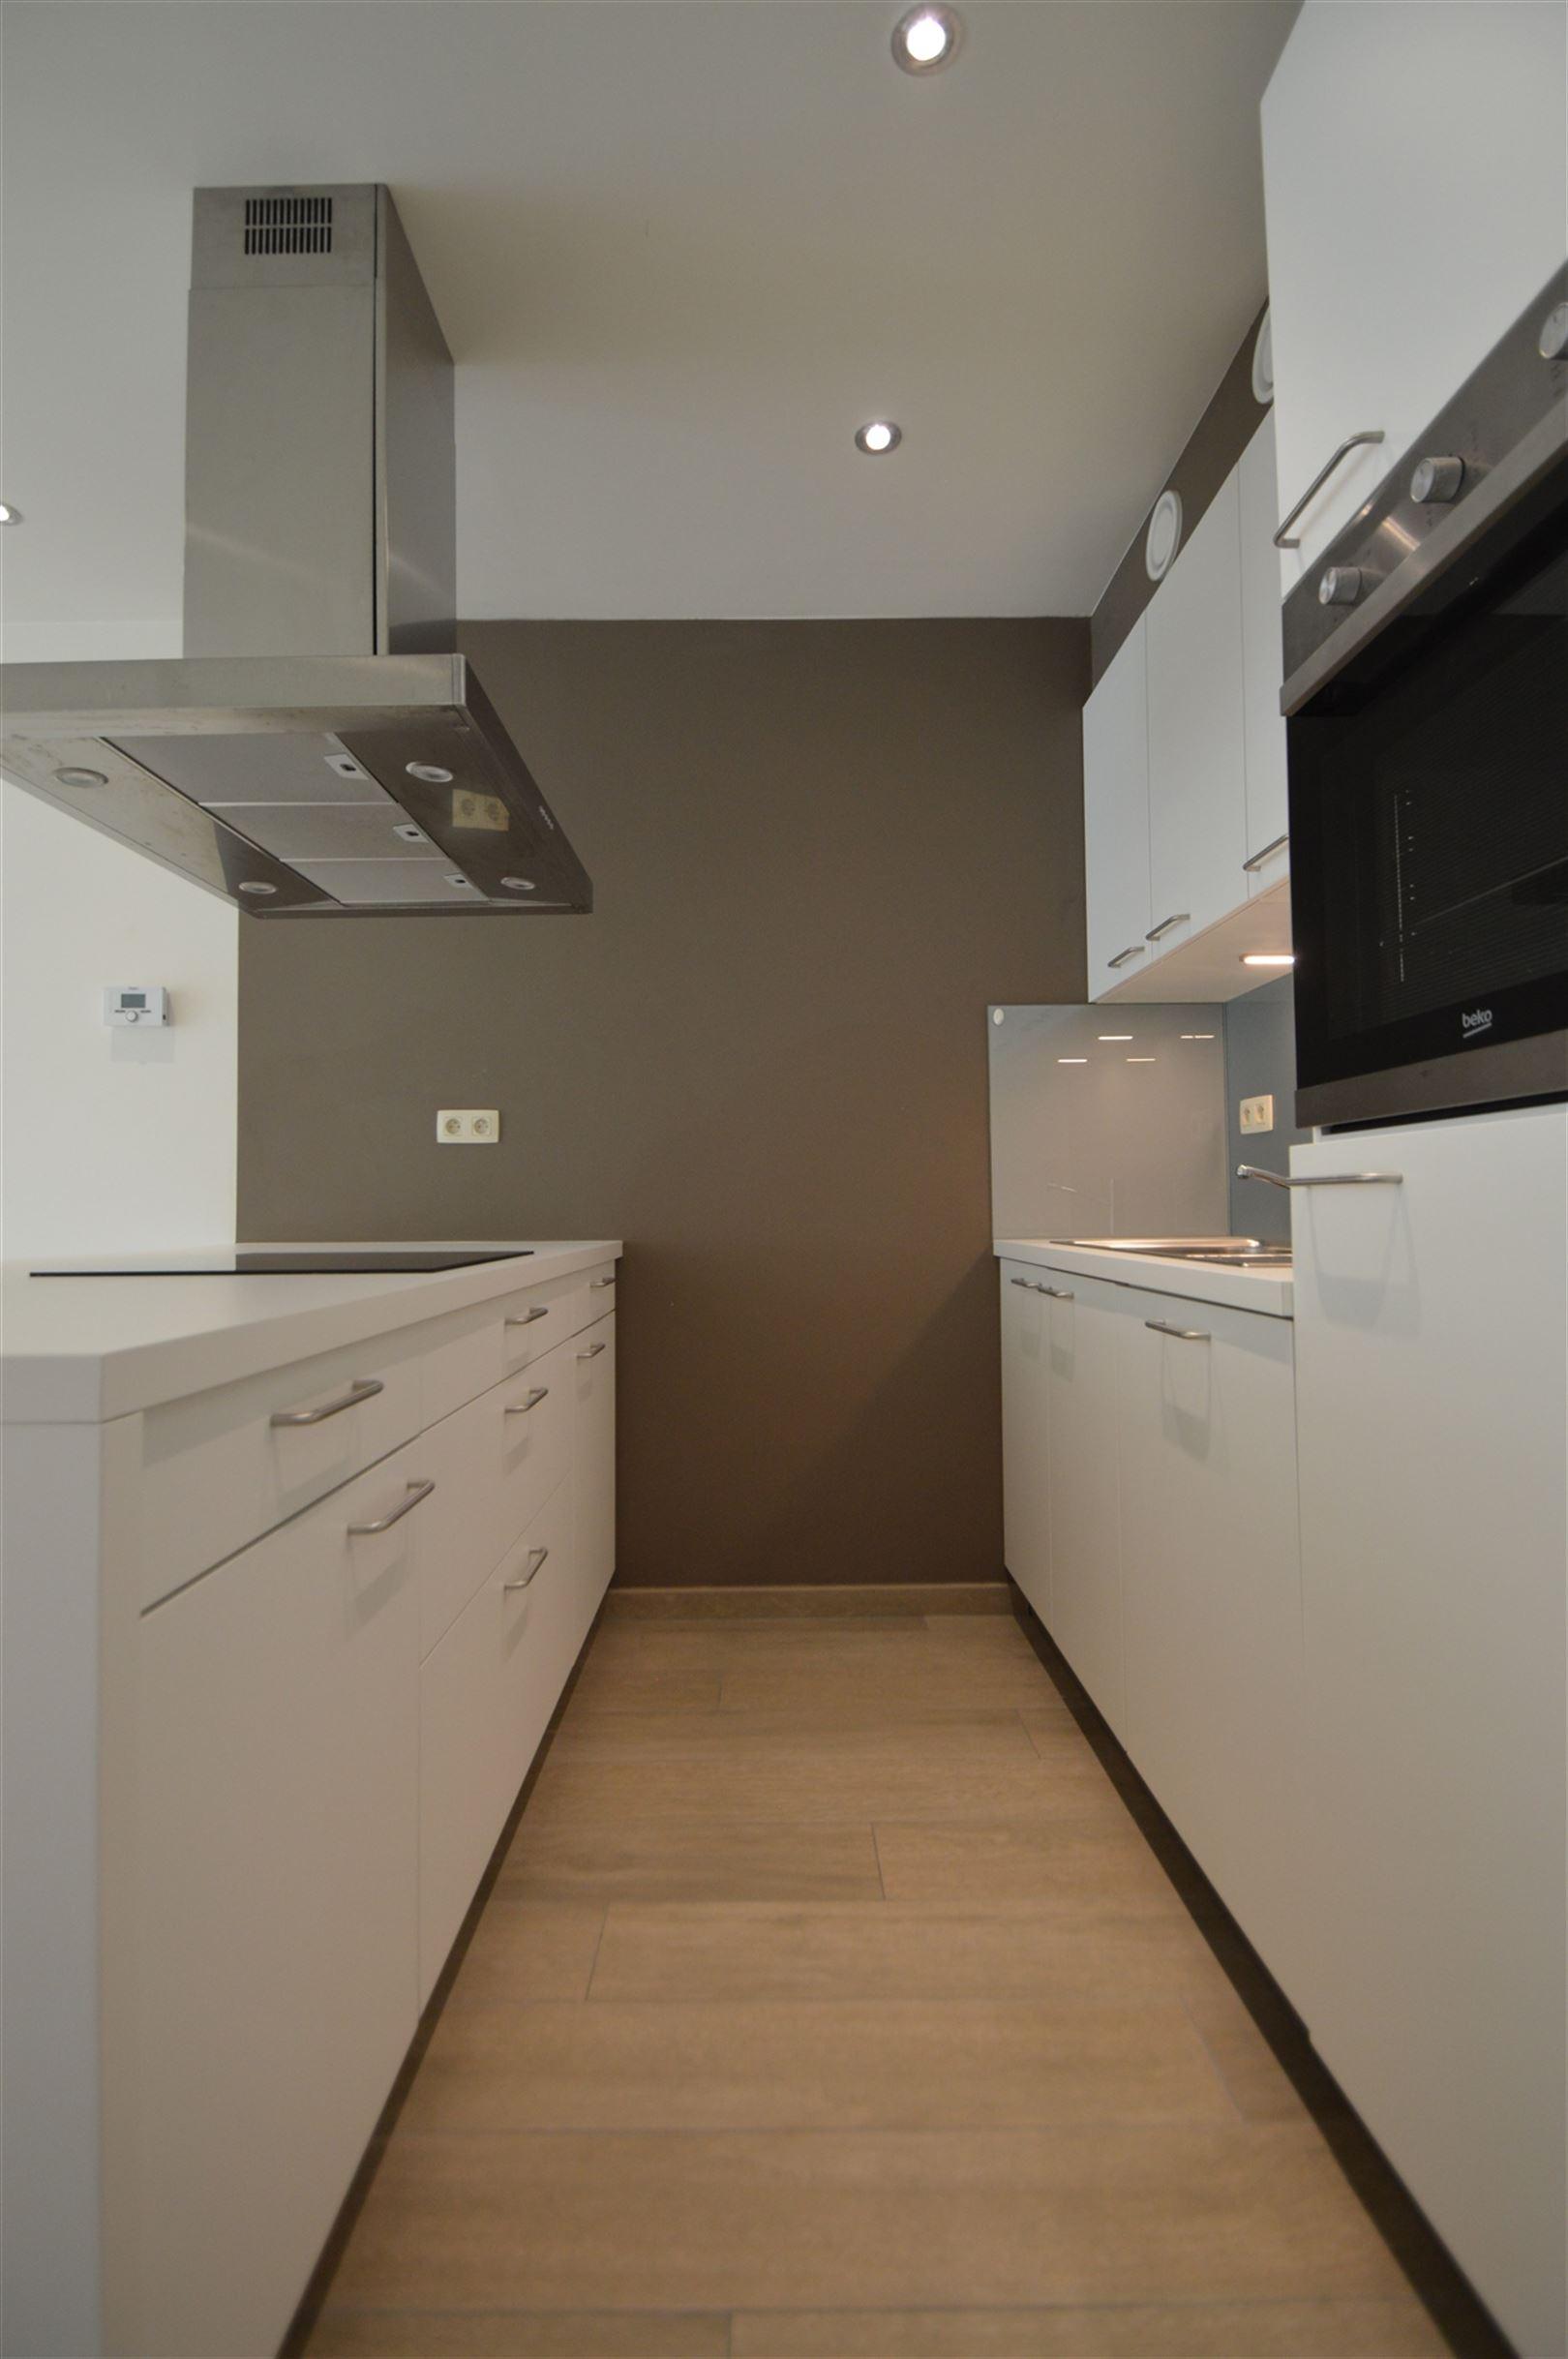 Foto 4 : Appartement te 9200 SINT-GILLIS-BIJ-DENDERMONDE (België) - Prijs € 775